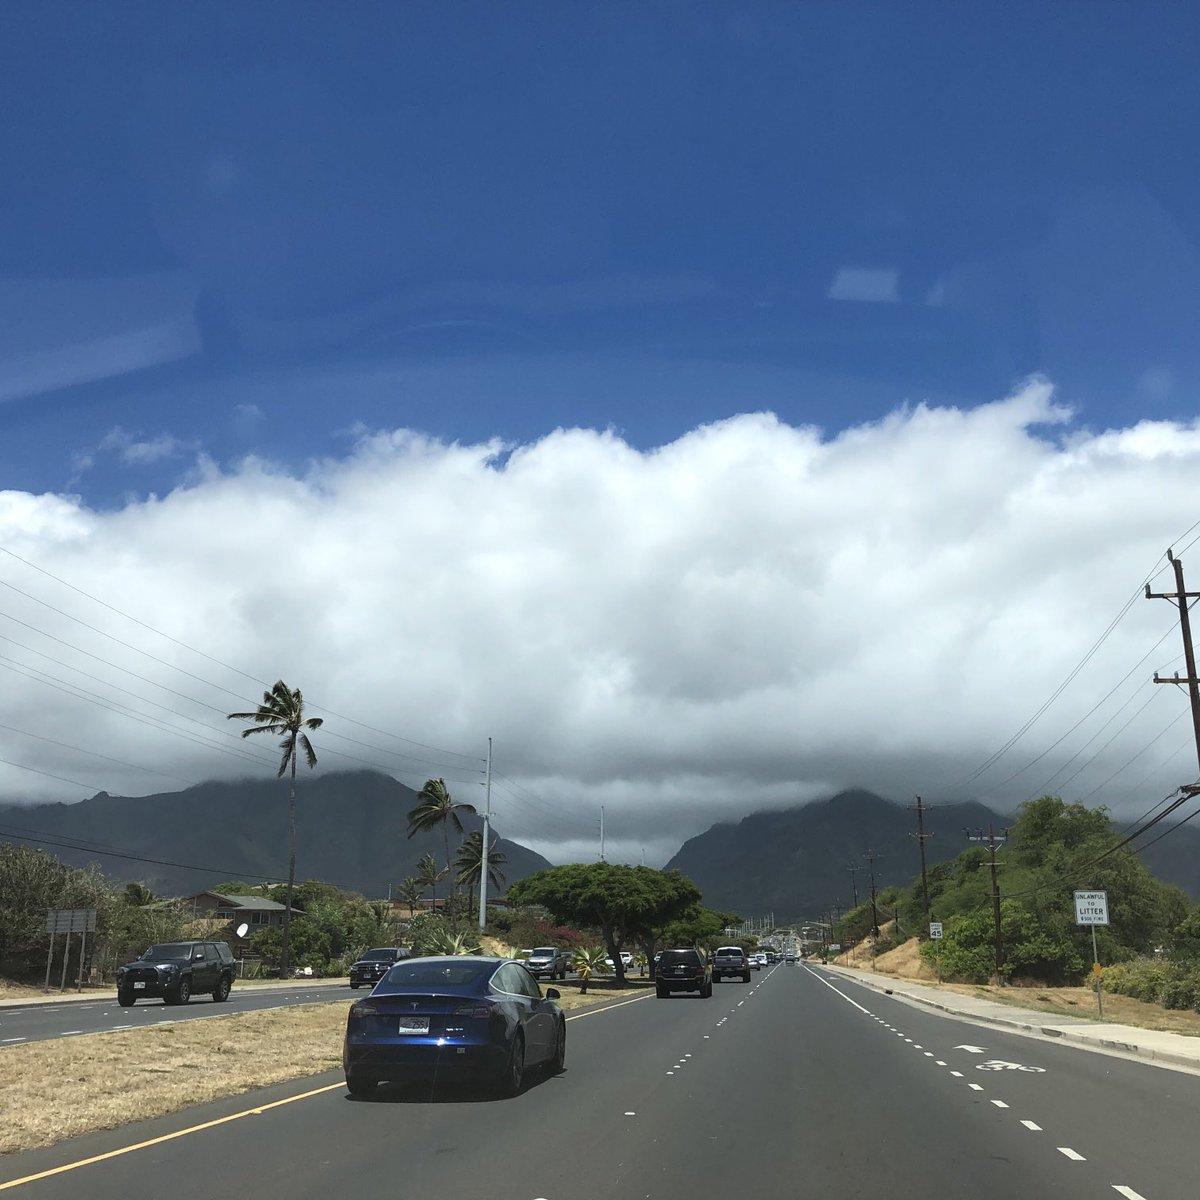 test Twitter Media - Kahului is warm and breezy. #cmweather #Maui #Kahului #magicalMaui #Mauinokaoi https://t.co/9w7odh1UJt